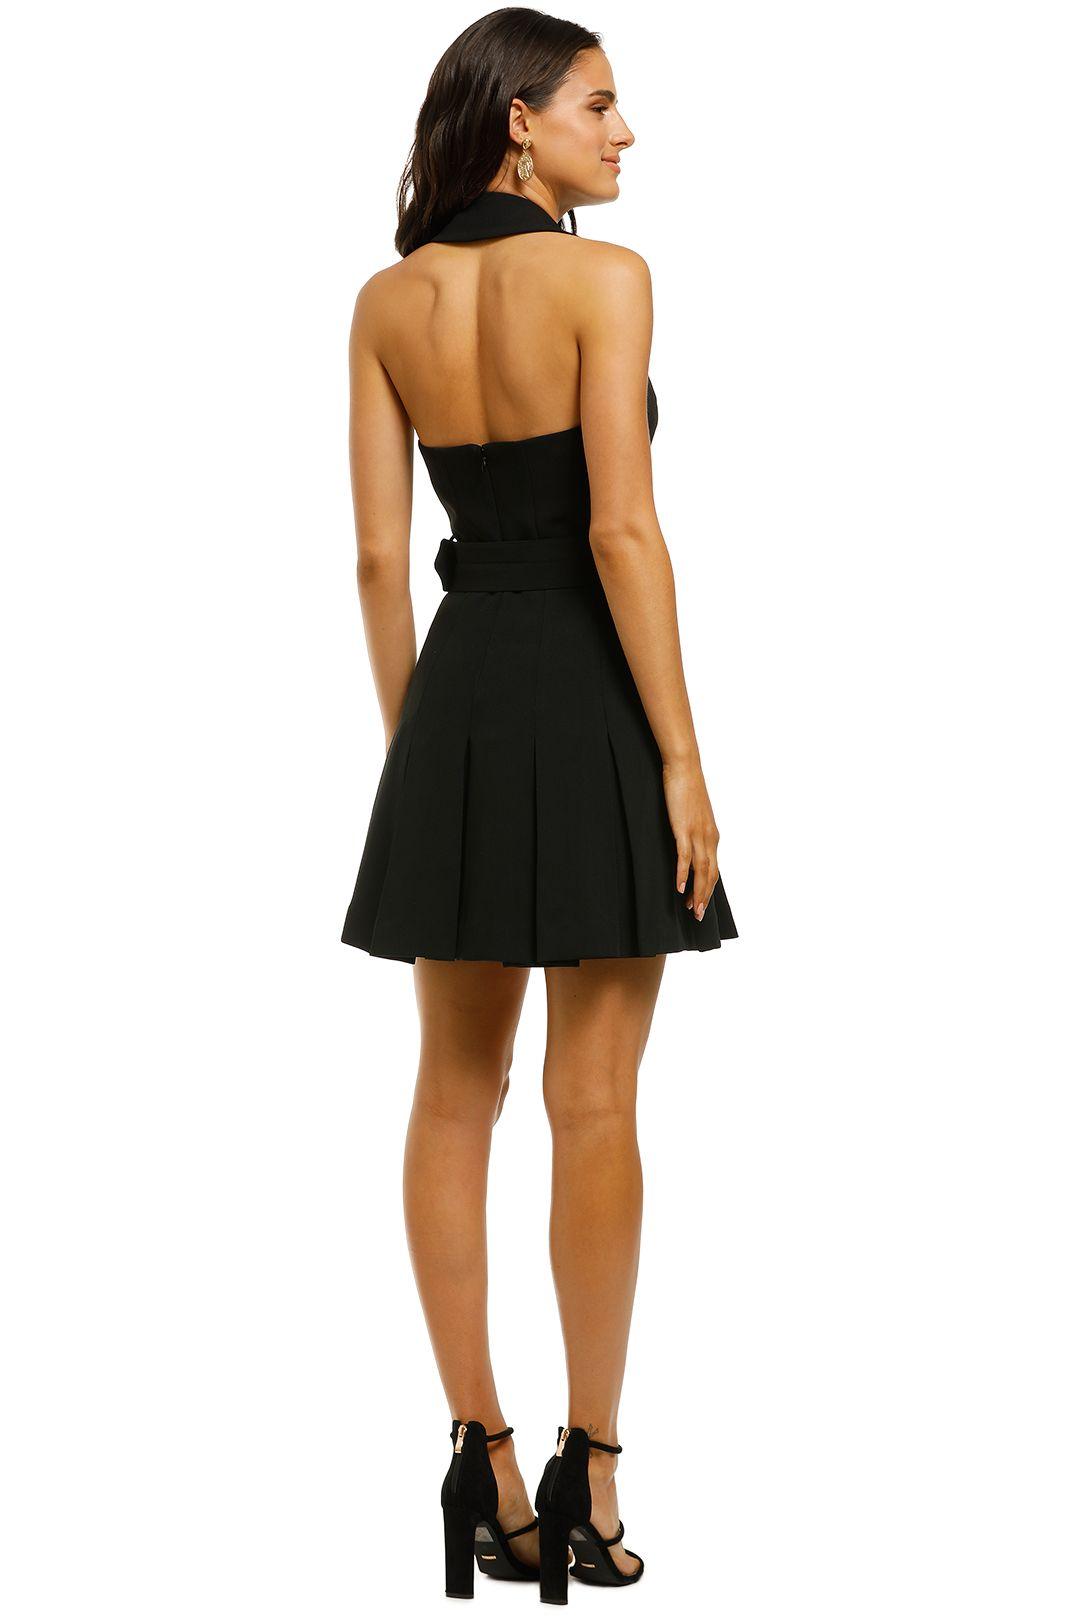 Misha-Collection-Lucinda-Dress-Black-Back